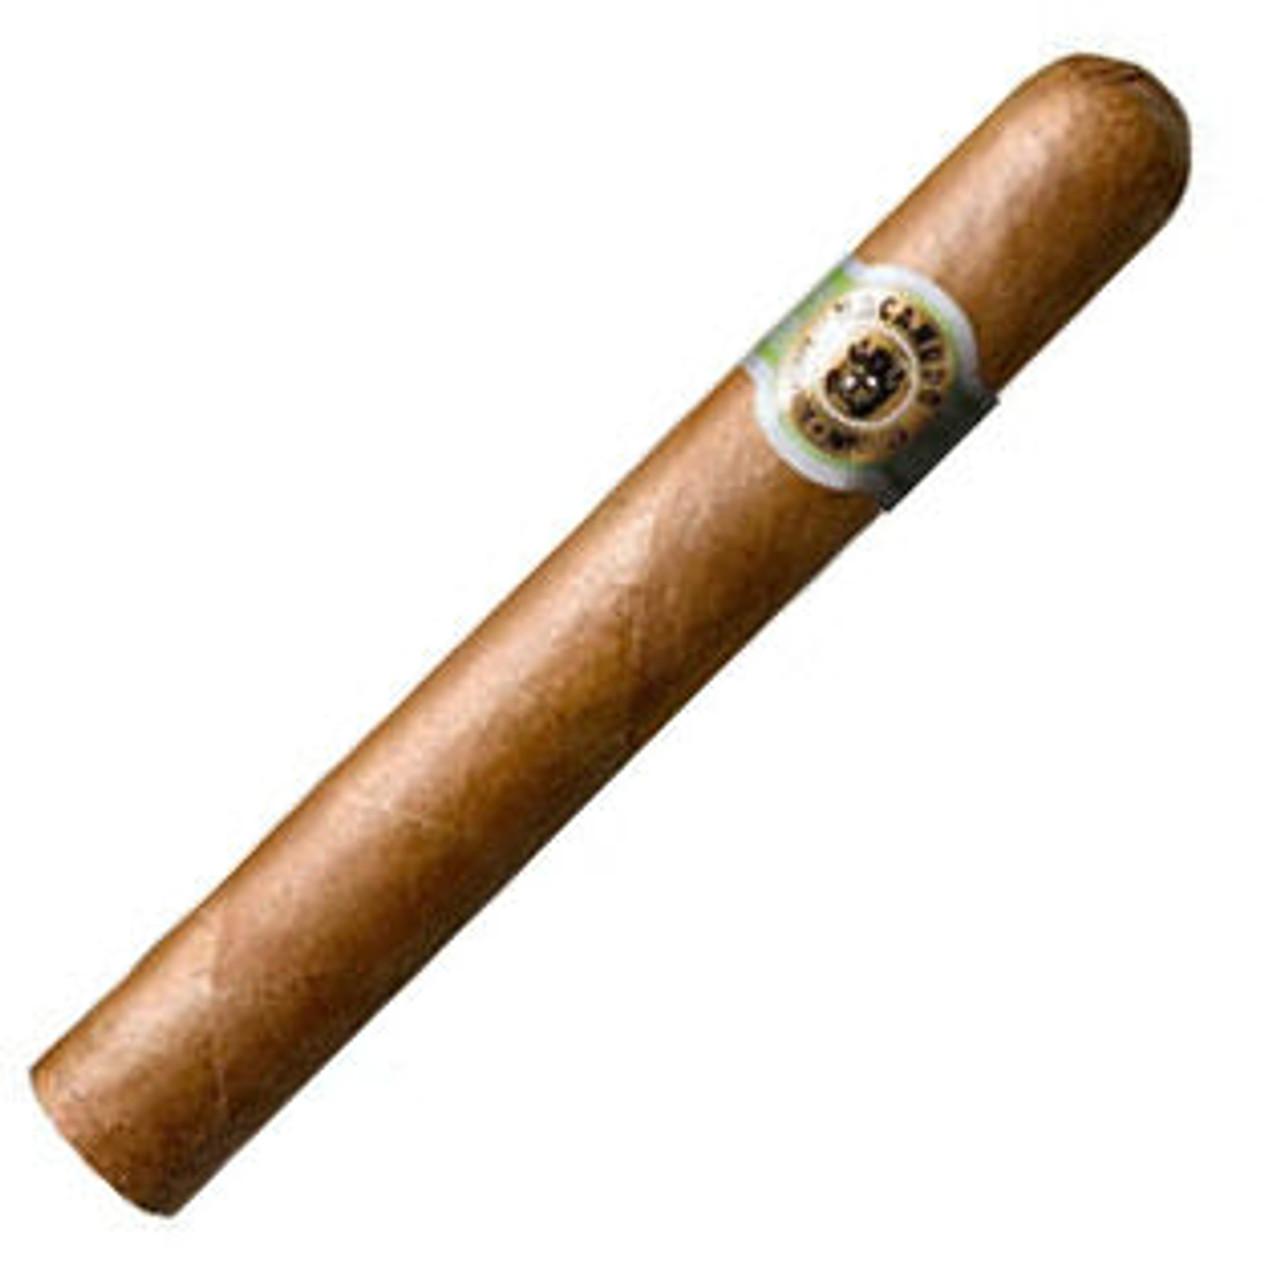 Macanudo Duke of York Cigars - 5.25 x 54 (Pack of 5)